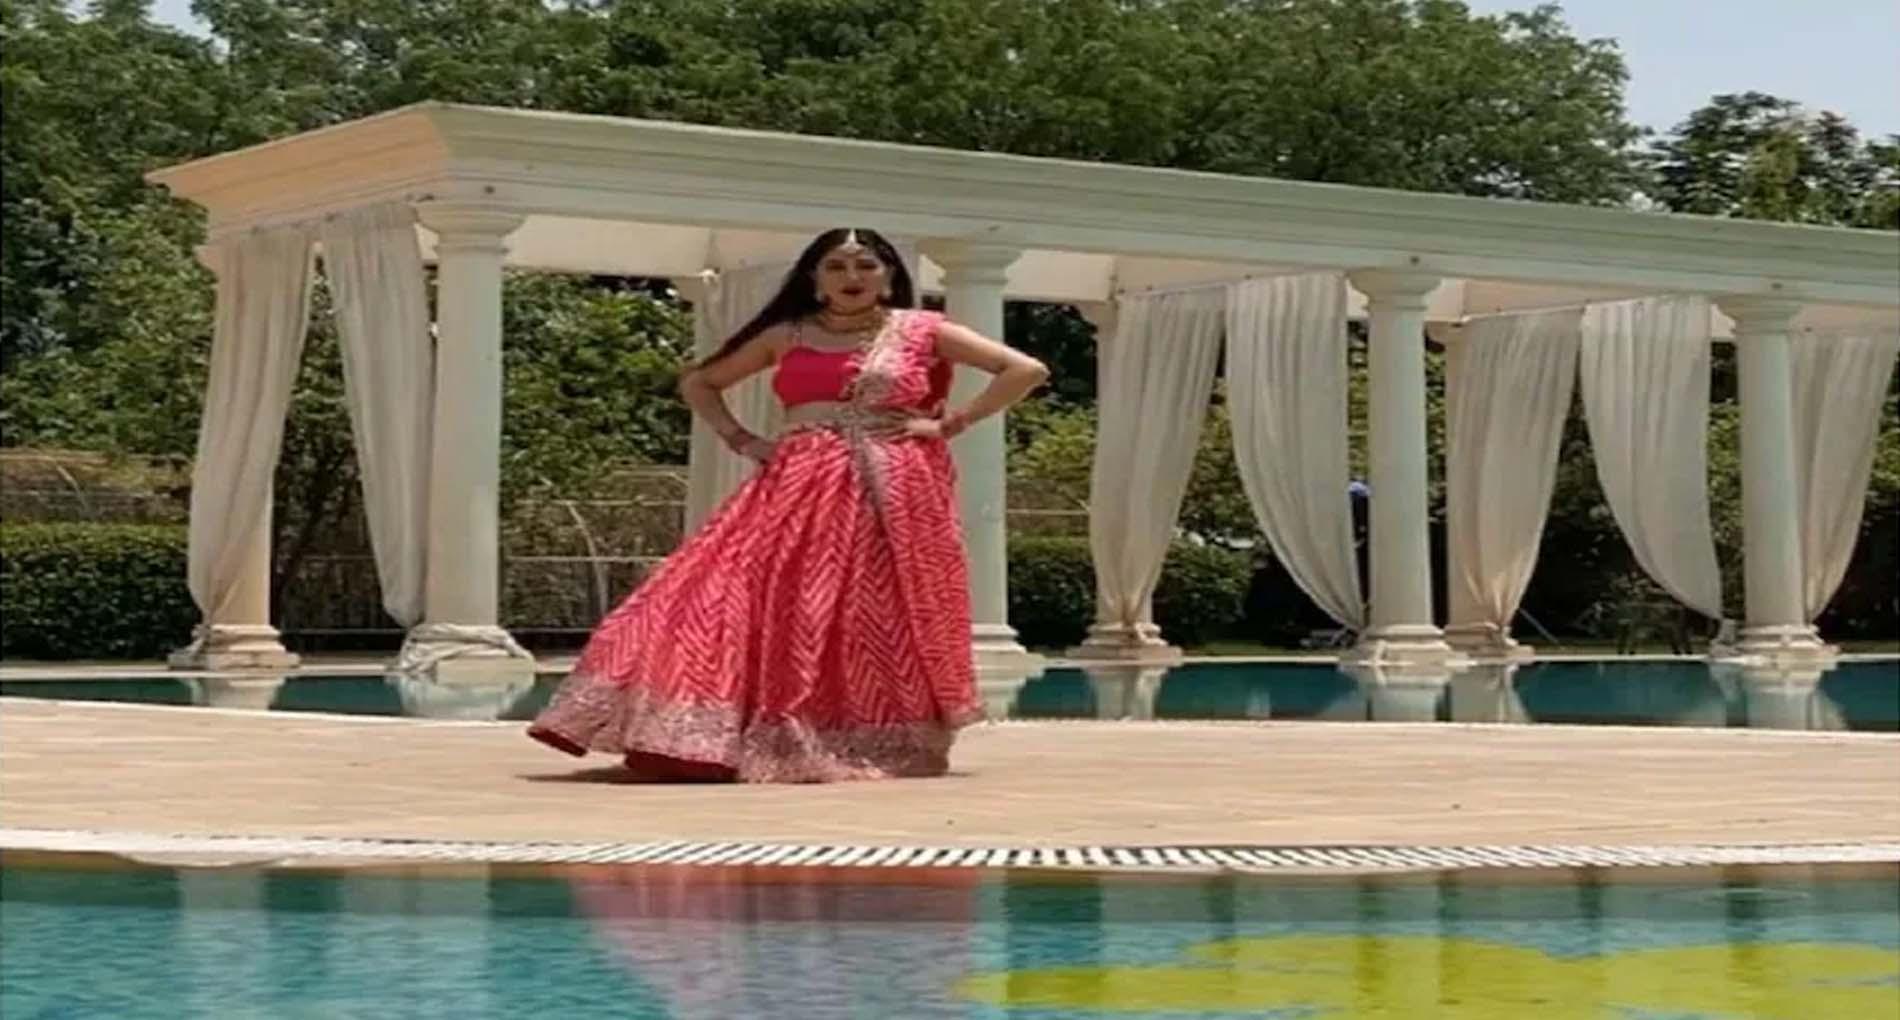 Sapna Chaudhary Dance: सपना चौधरी ने लहंगा पहन स्विमिंग पूल किनारे लगाए ठुमके! वायरल हुआ वीडियो